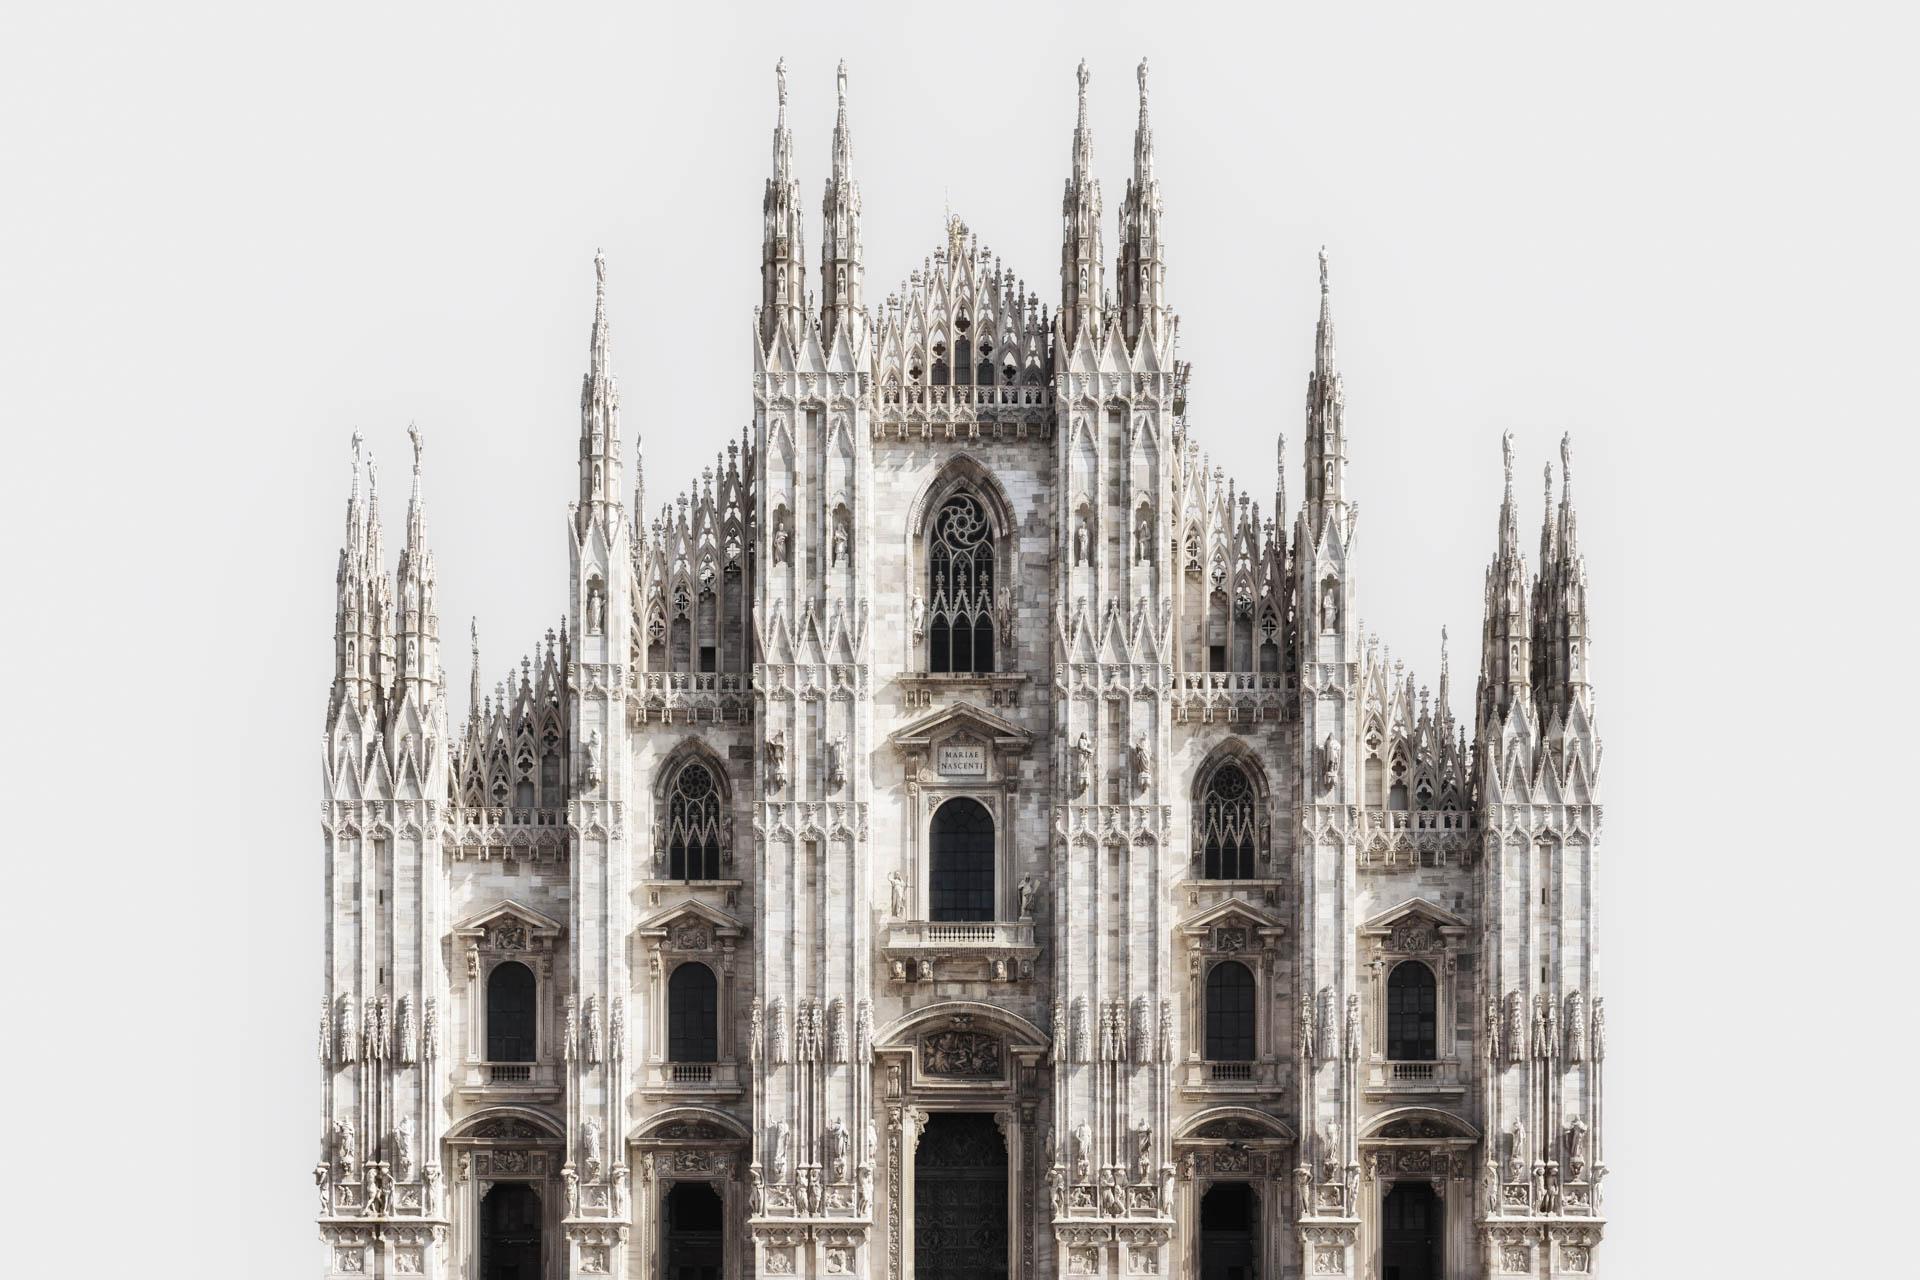 MILANO_2018_STILL_01.jpg